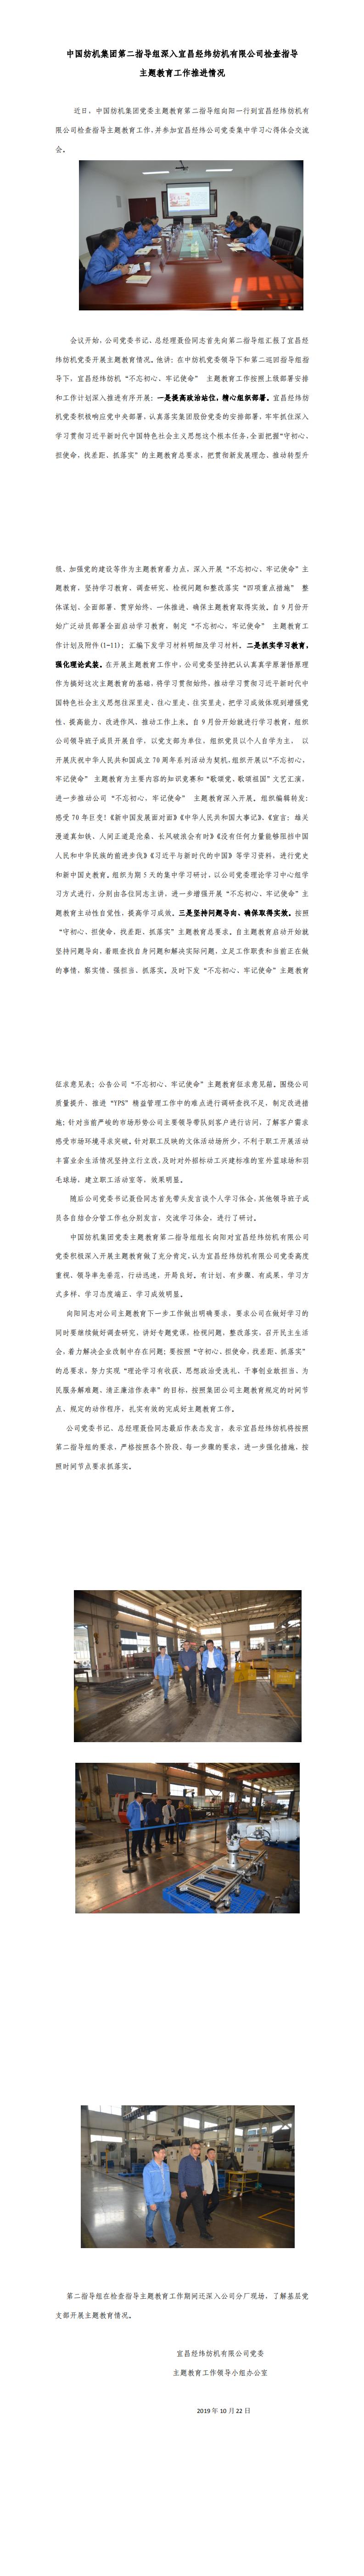 20191021中国纺机集团第二引导组深入宜昌经纬纺机有限企业检查引导_0